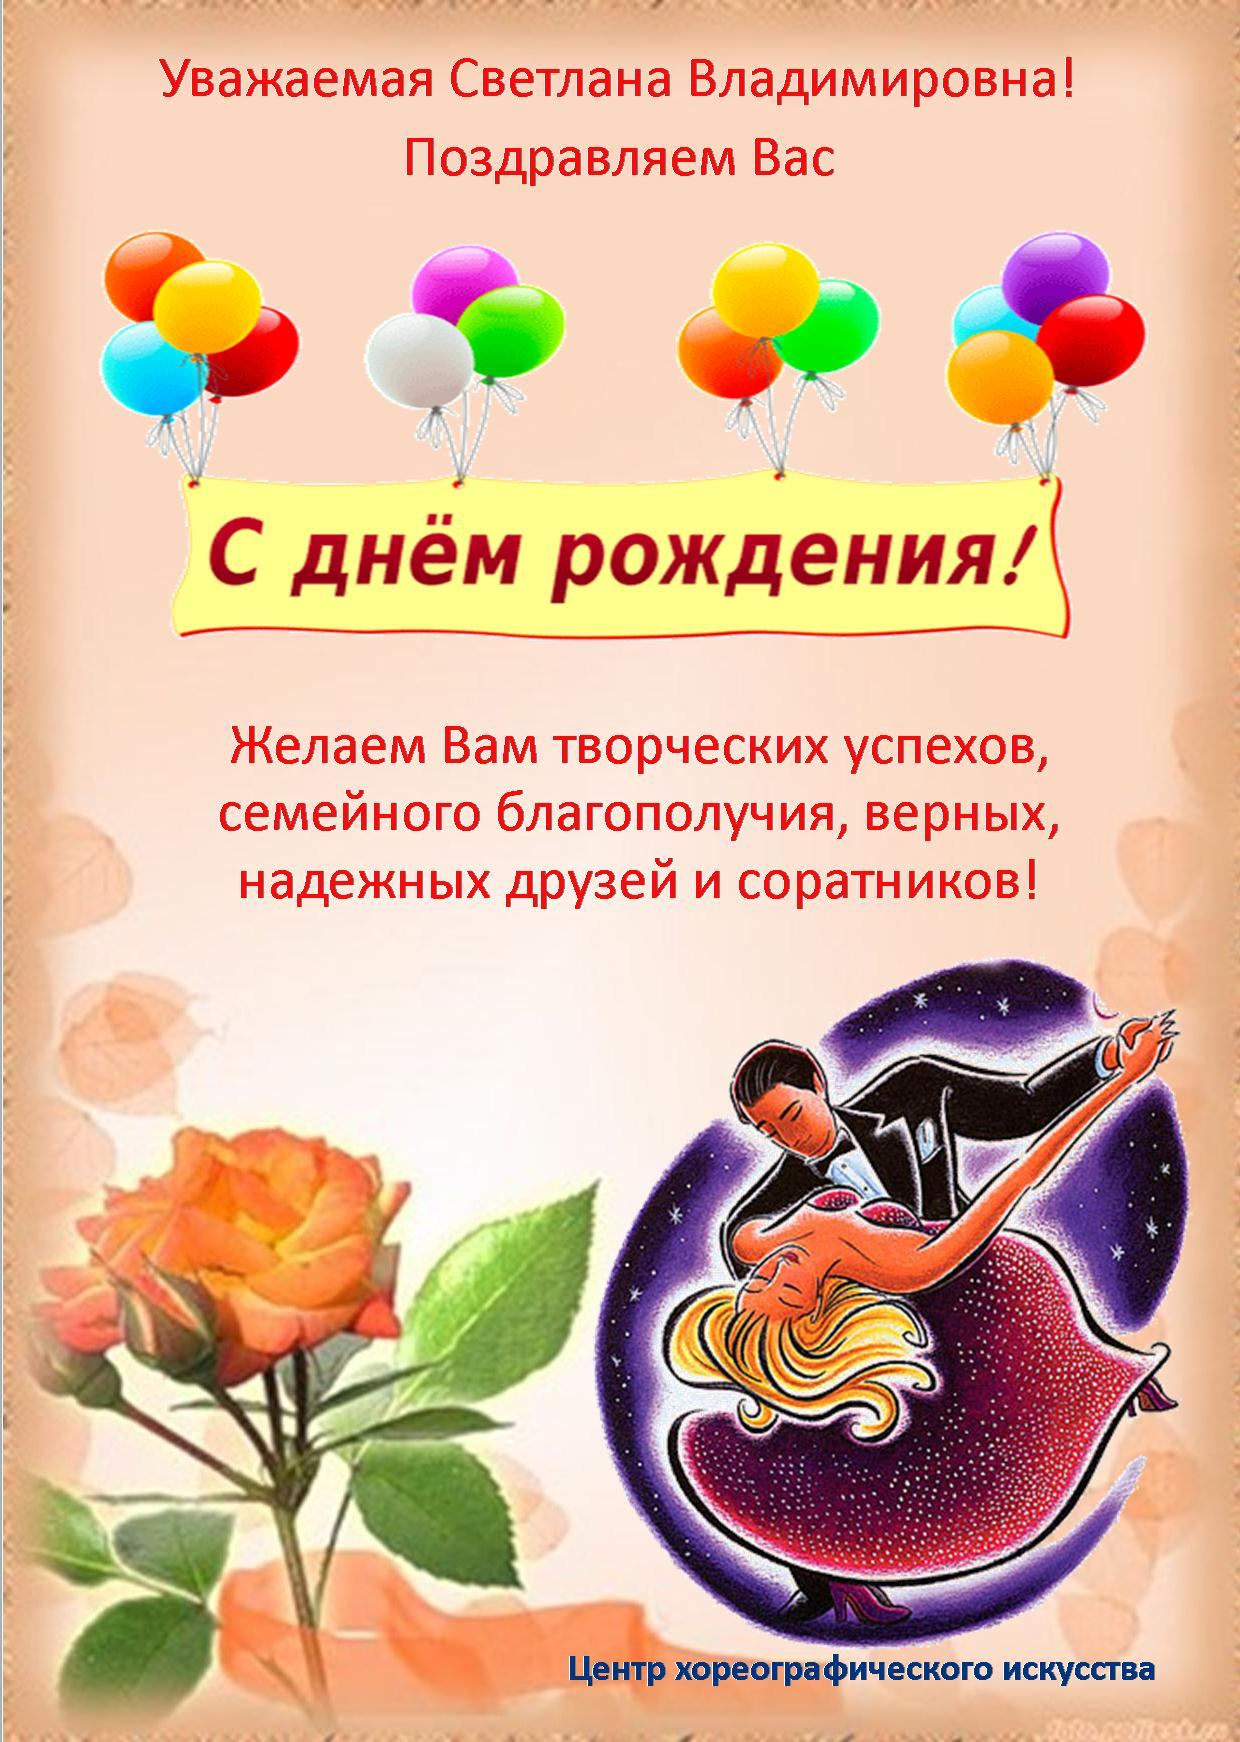 Картинка с днем рождения светлана владимировна, отправить открытку ссылку